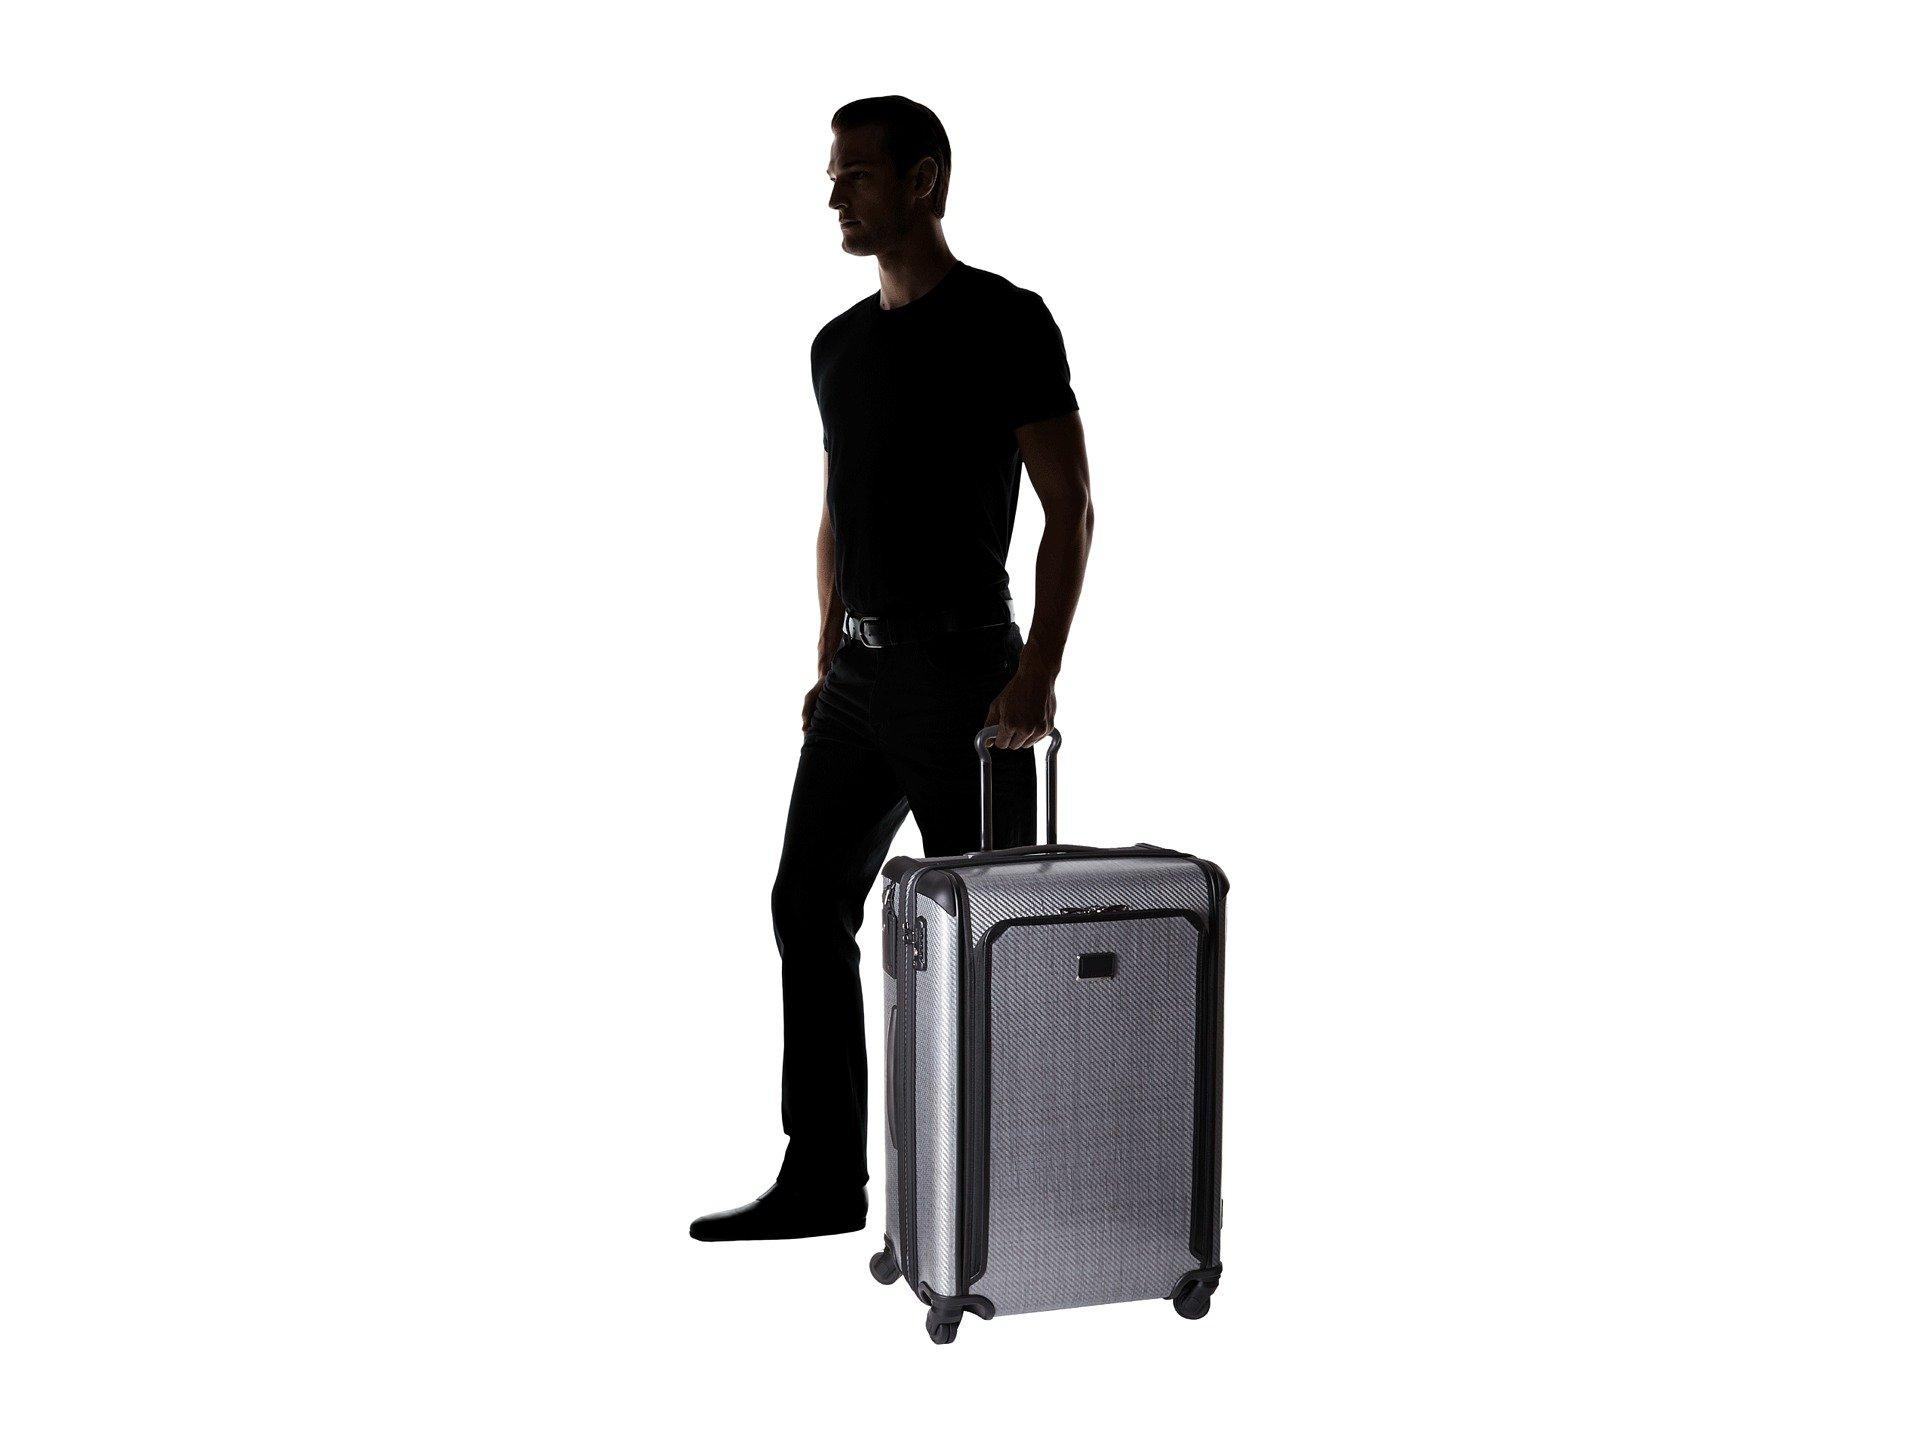 T Large Max Case Trip graphite Expandable lite® Tumi Tegra Packing 8qaTZZ